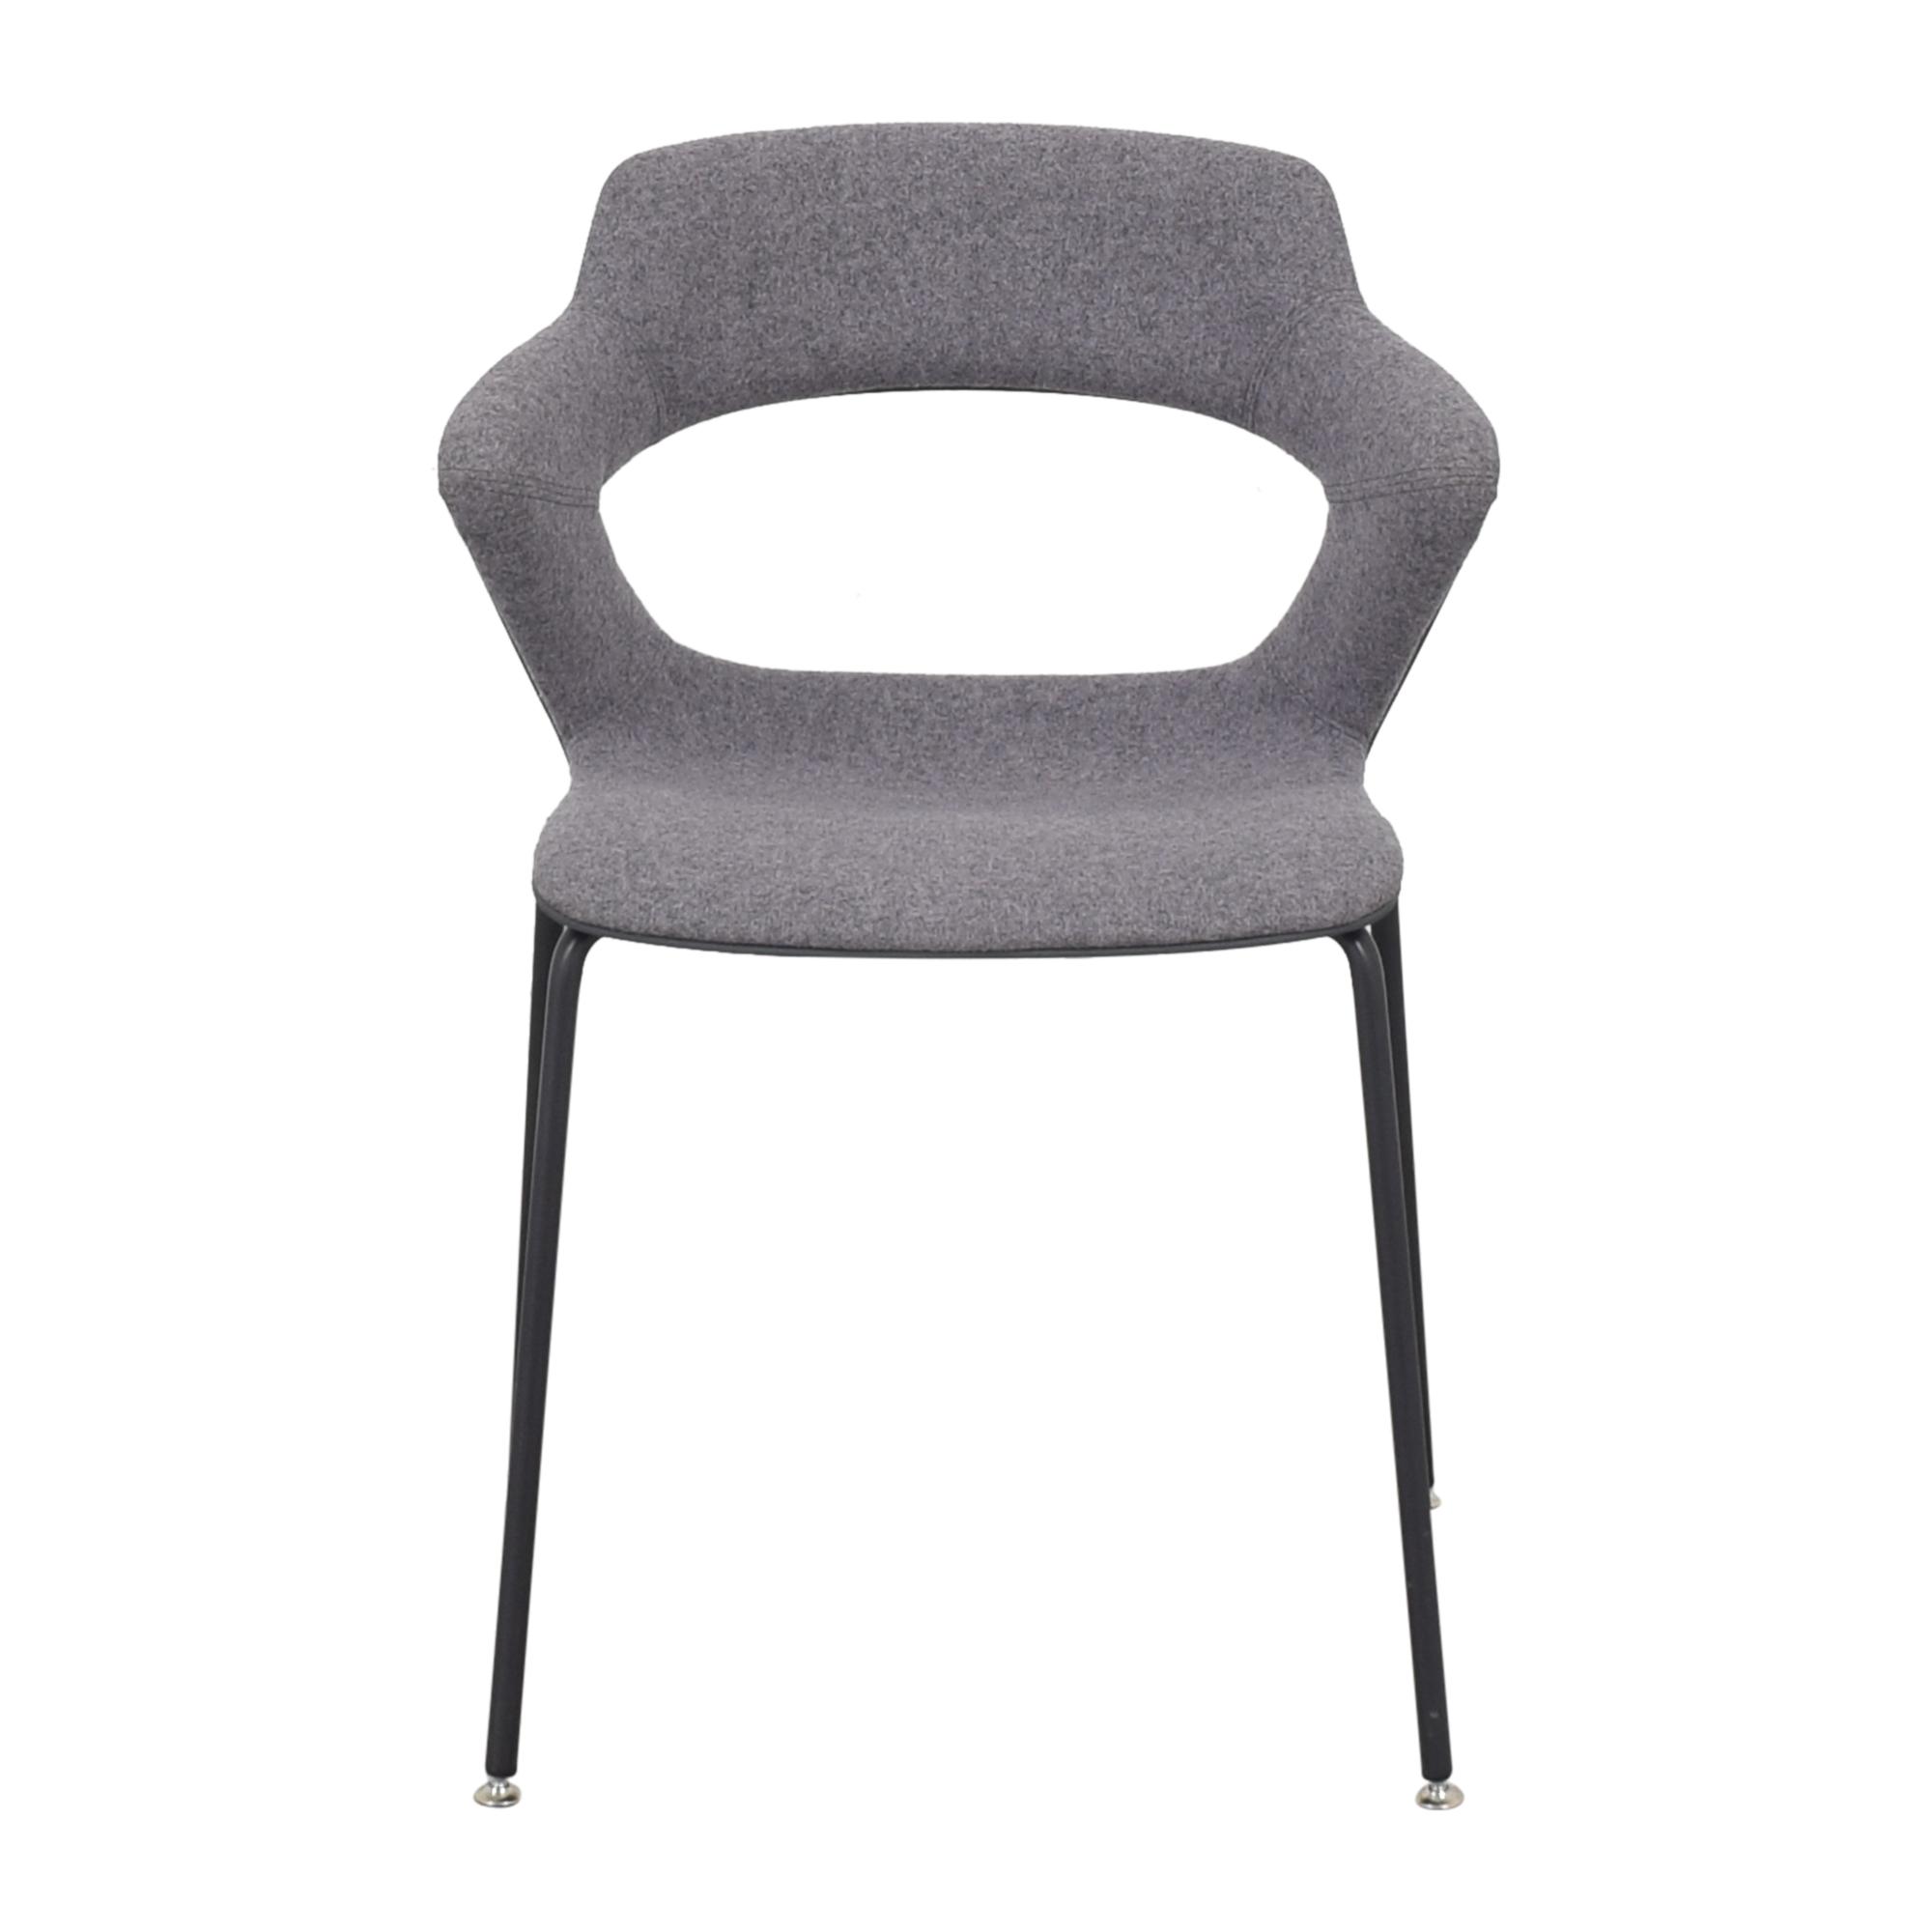 Koleksiyon Koleksiyon Zenith Chair dimensions